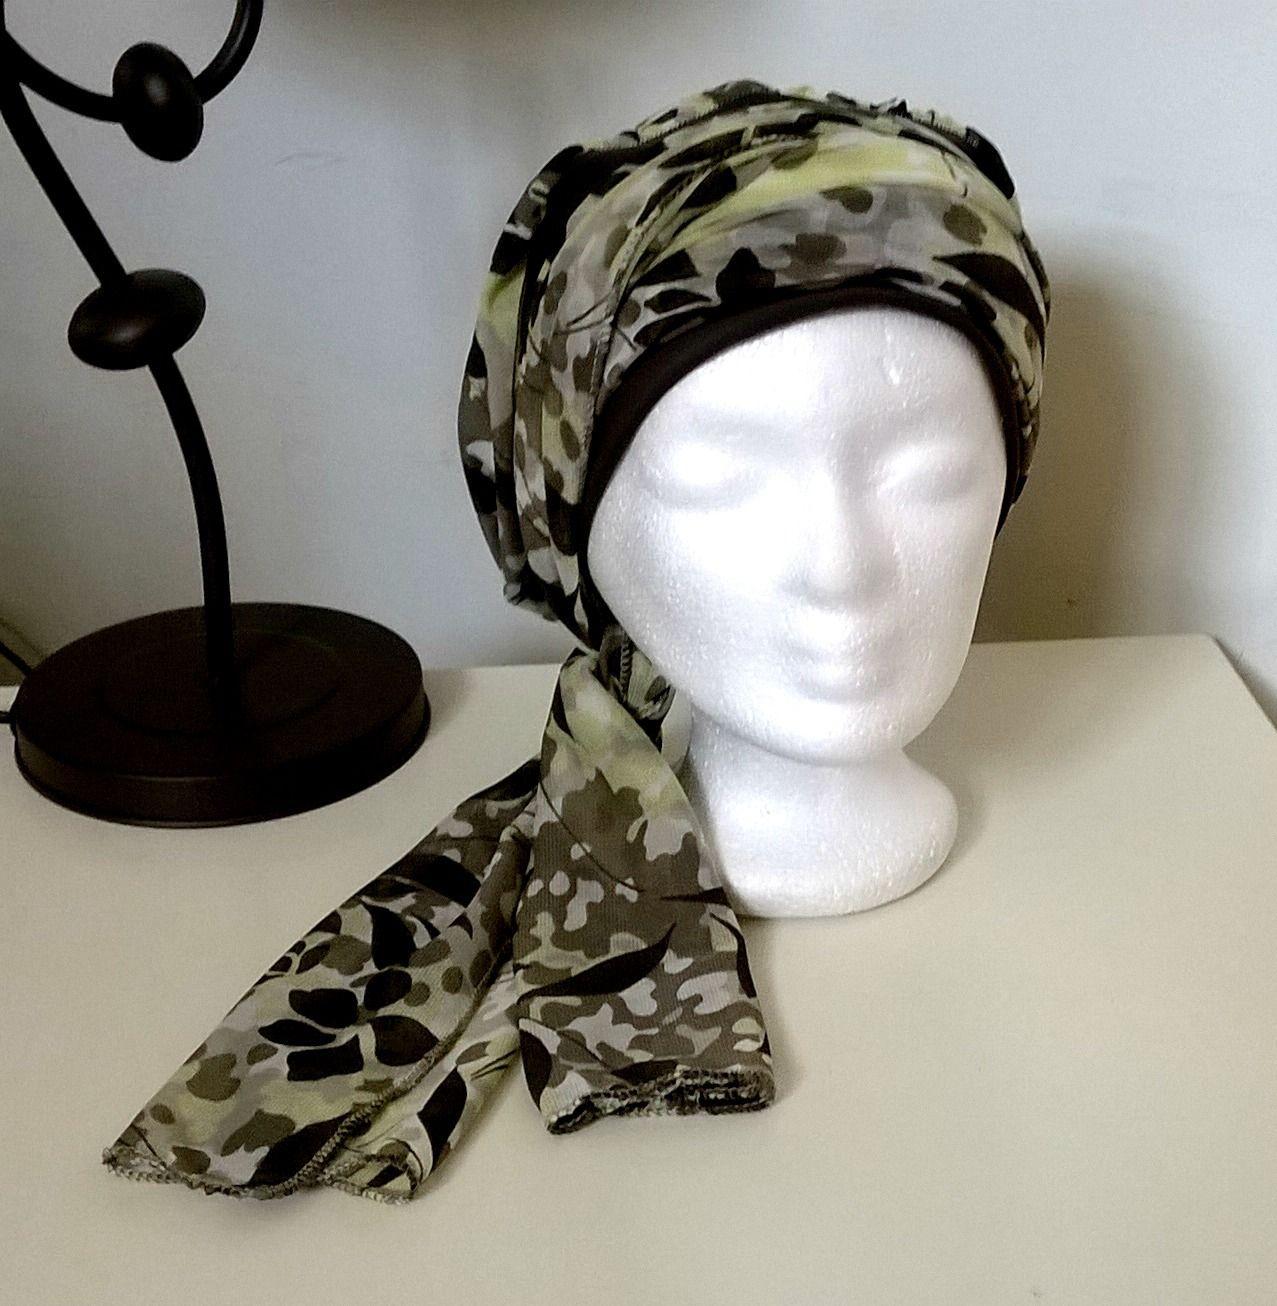 Turban à nouer préformé - Foulard - Bonnet - chapeau - bandeau chimio vert  anis chocolat kaki enlacé de jersey marron   Echarpe, foulard, cravate par  msg- ... 6413301538f